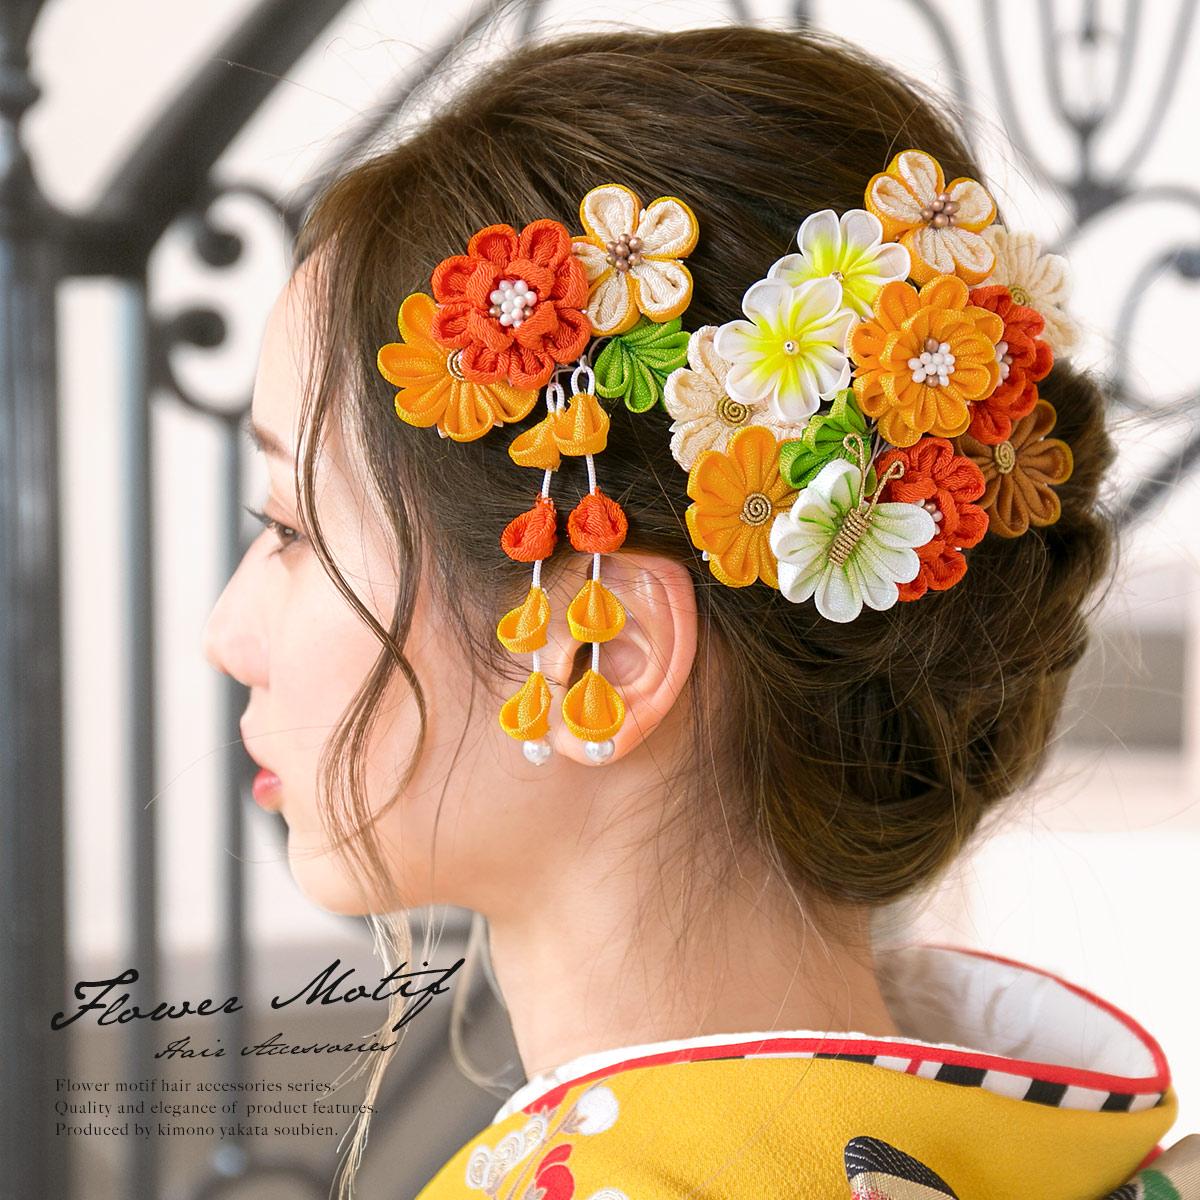 晴れの日を華やかに彩るお花の髪飾り2点セット